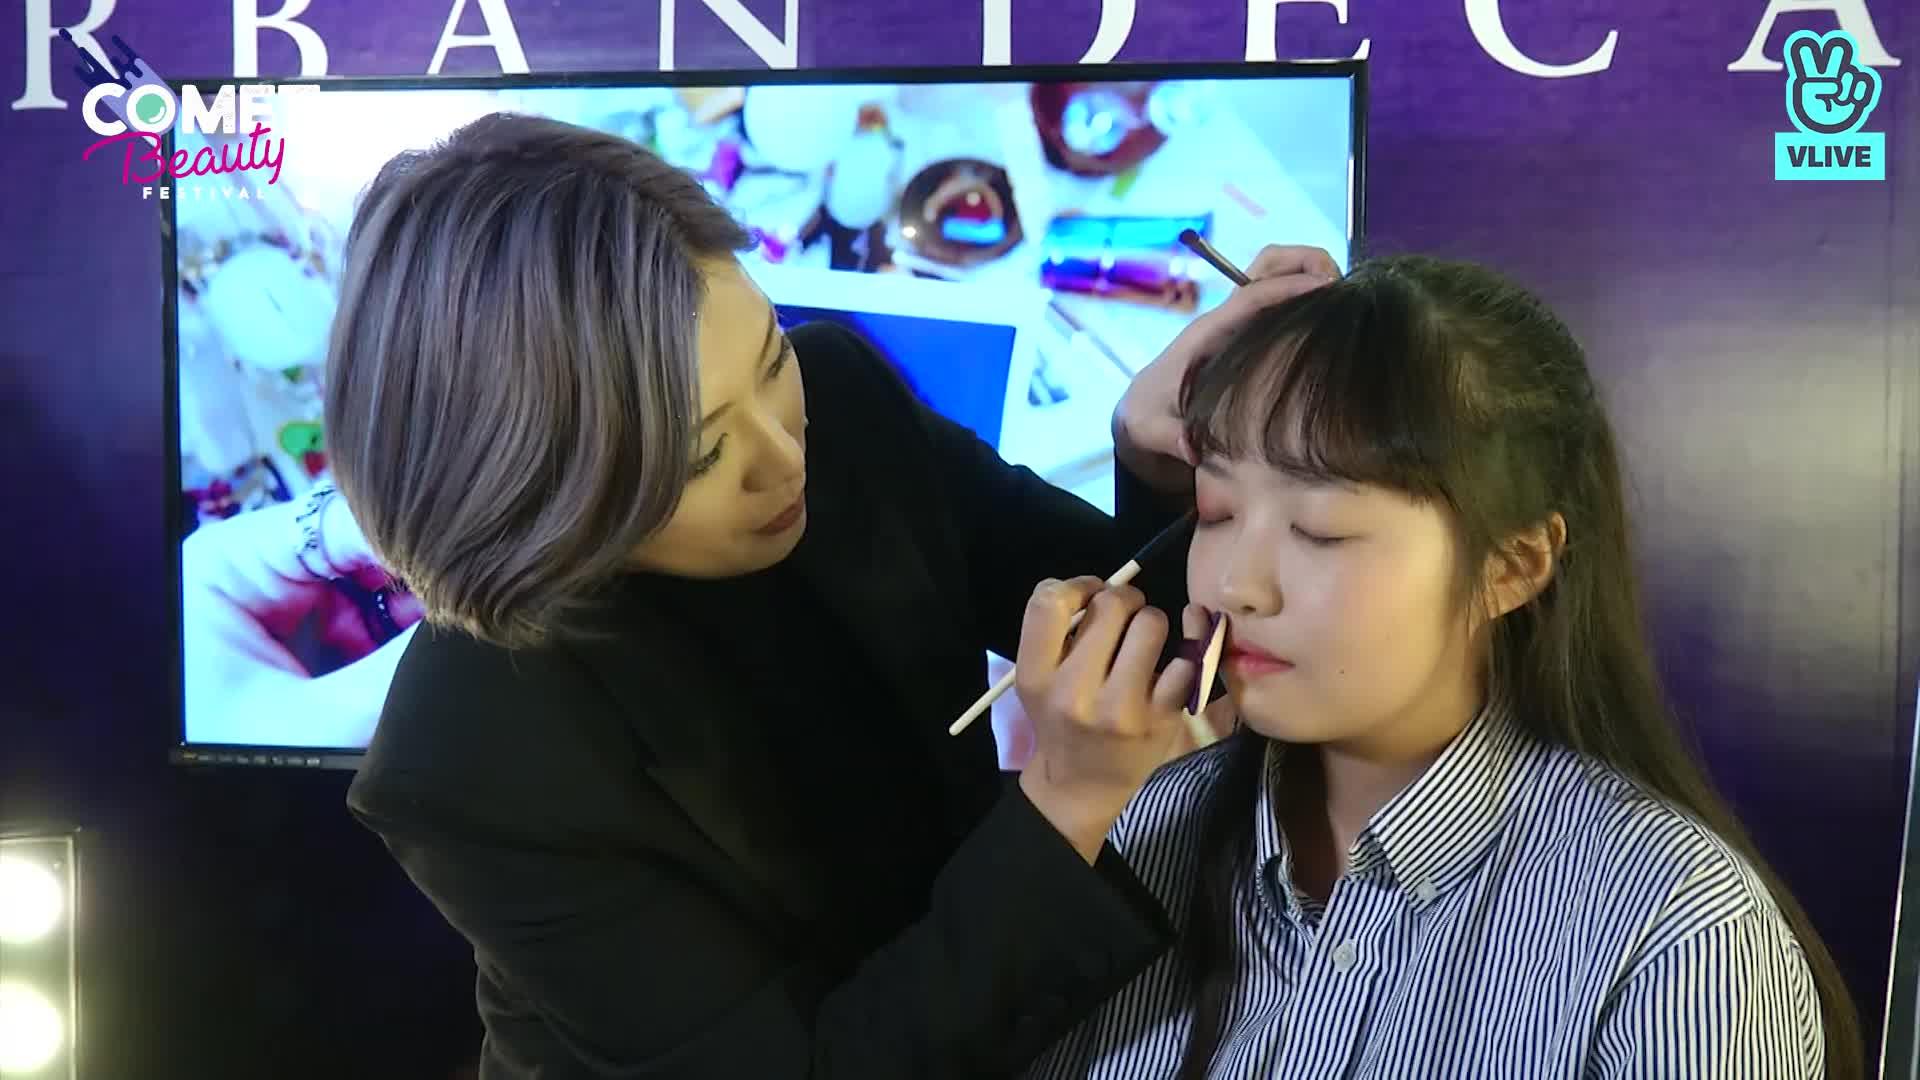 어반디케이X씬님<씬님의 고민상담소> - Comet Beauty Festival 커밋뷰티페스티벌